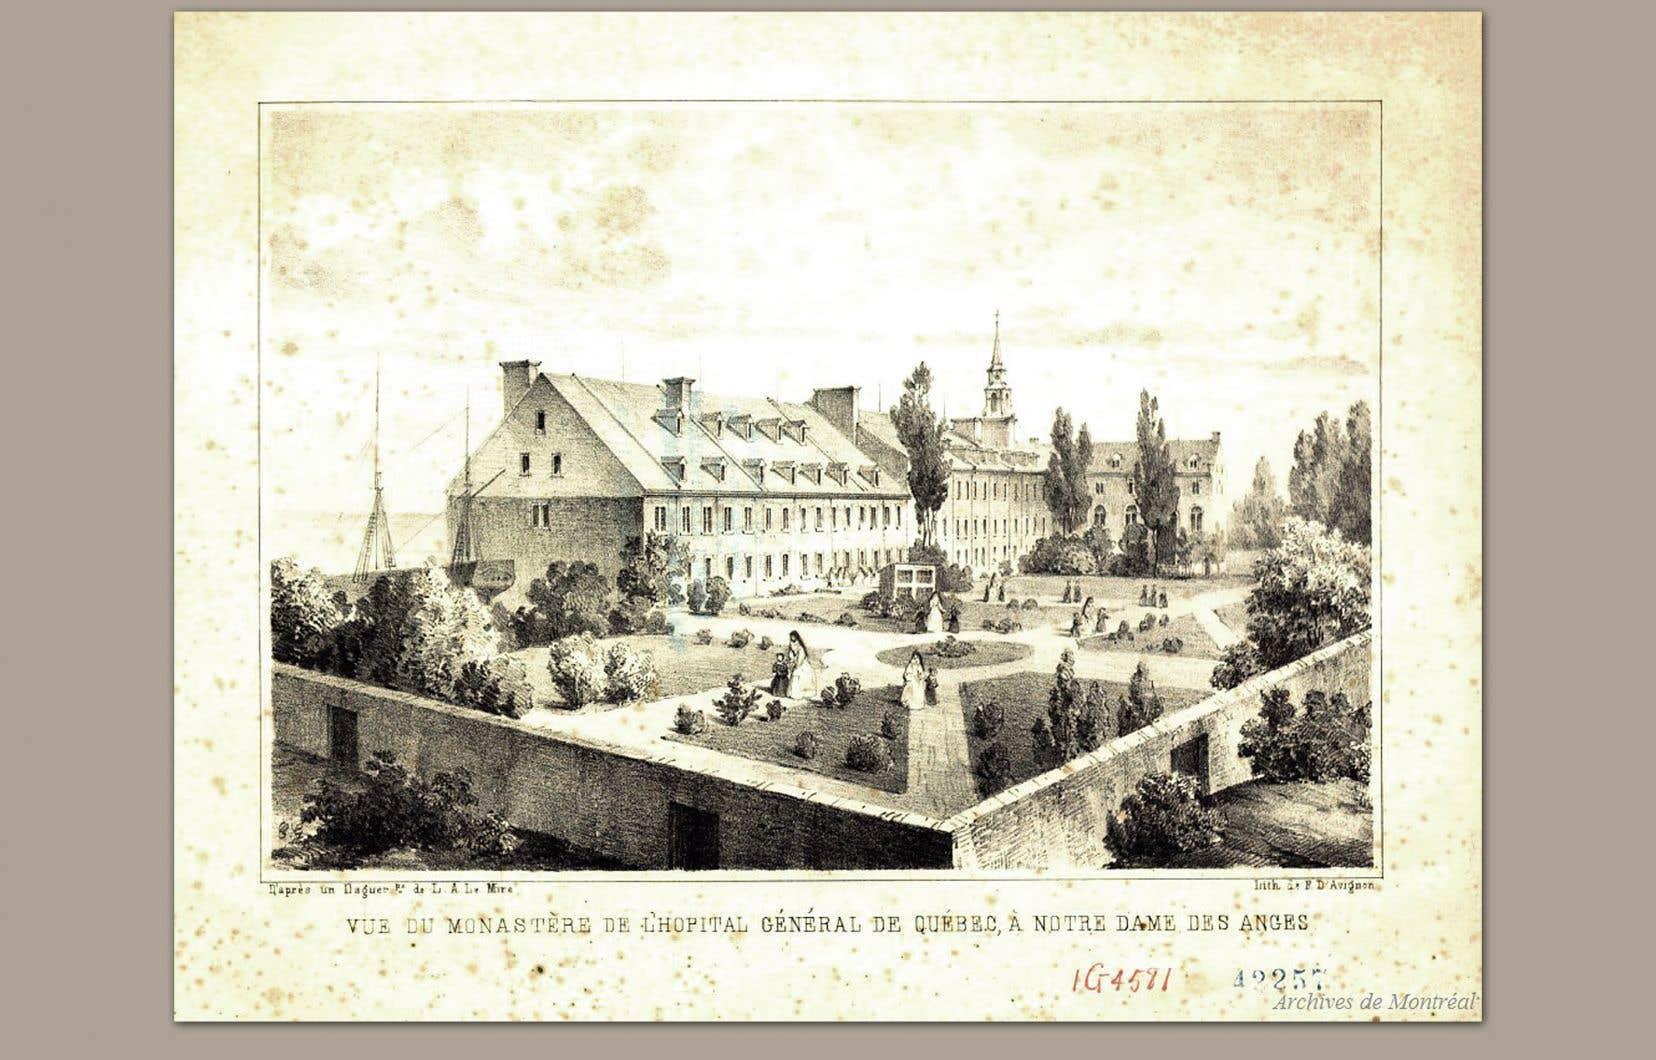 Vue du monastère de l'Hôpital général de Québec, à Notre-Dame des Anges (1855).